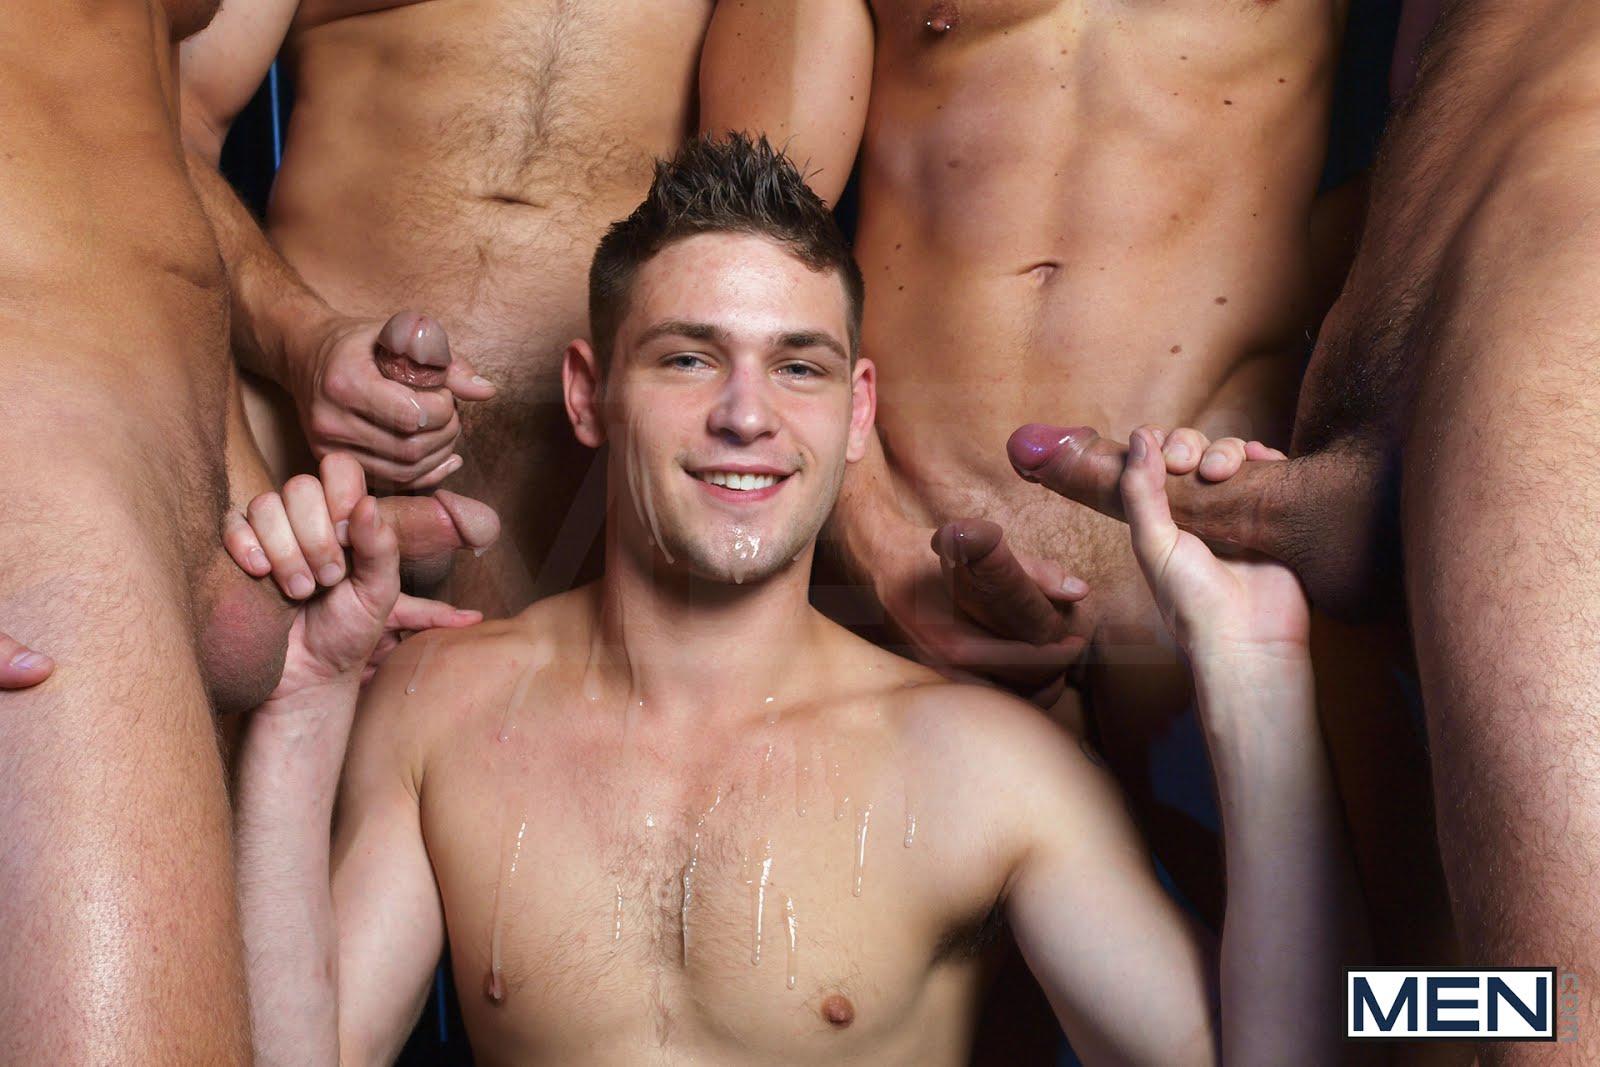 Фотки голых парней онлайн смотреть бесплатно, Эротические фото парней, фотографии голых мужчин 6 фотография